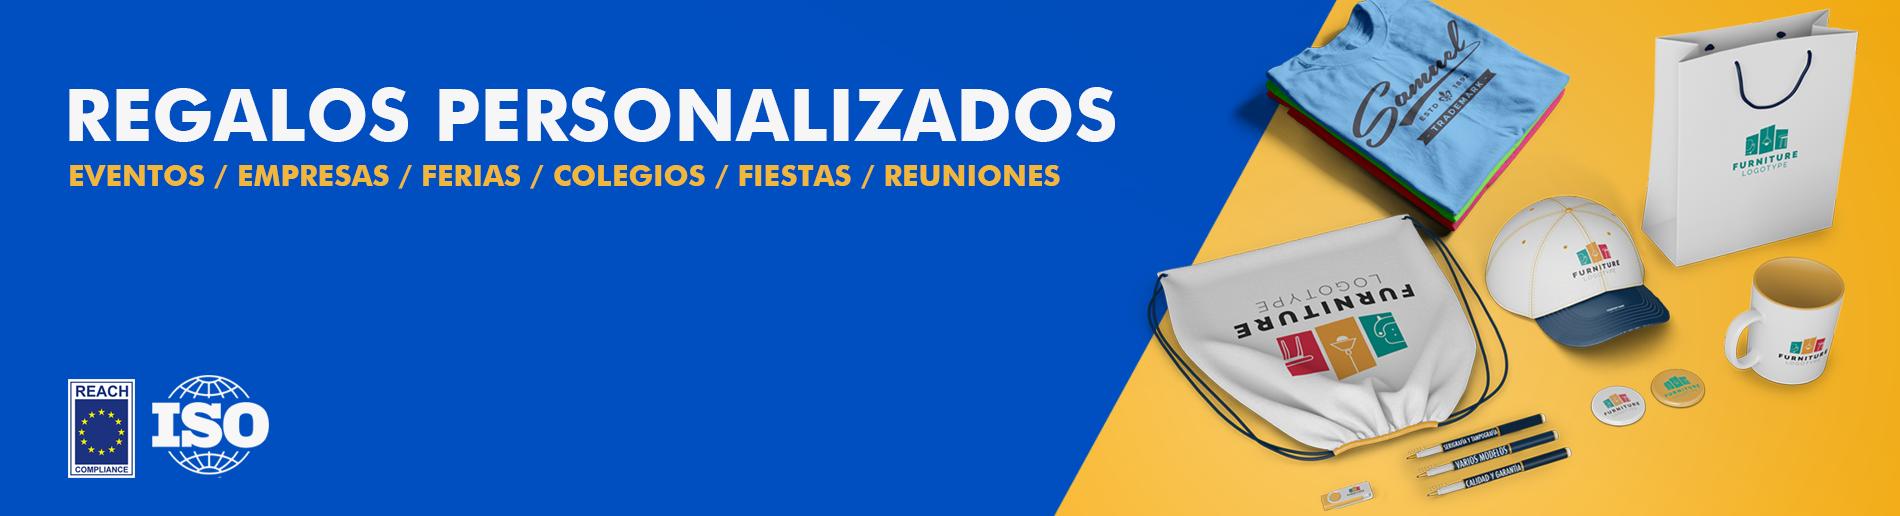 REGALOS PERSONALIZADOS ALCALÁ DE HENARES